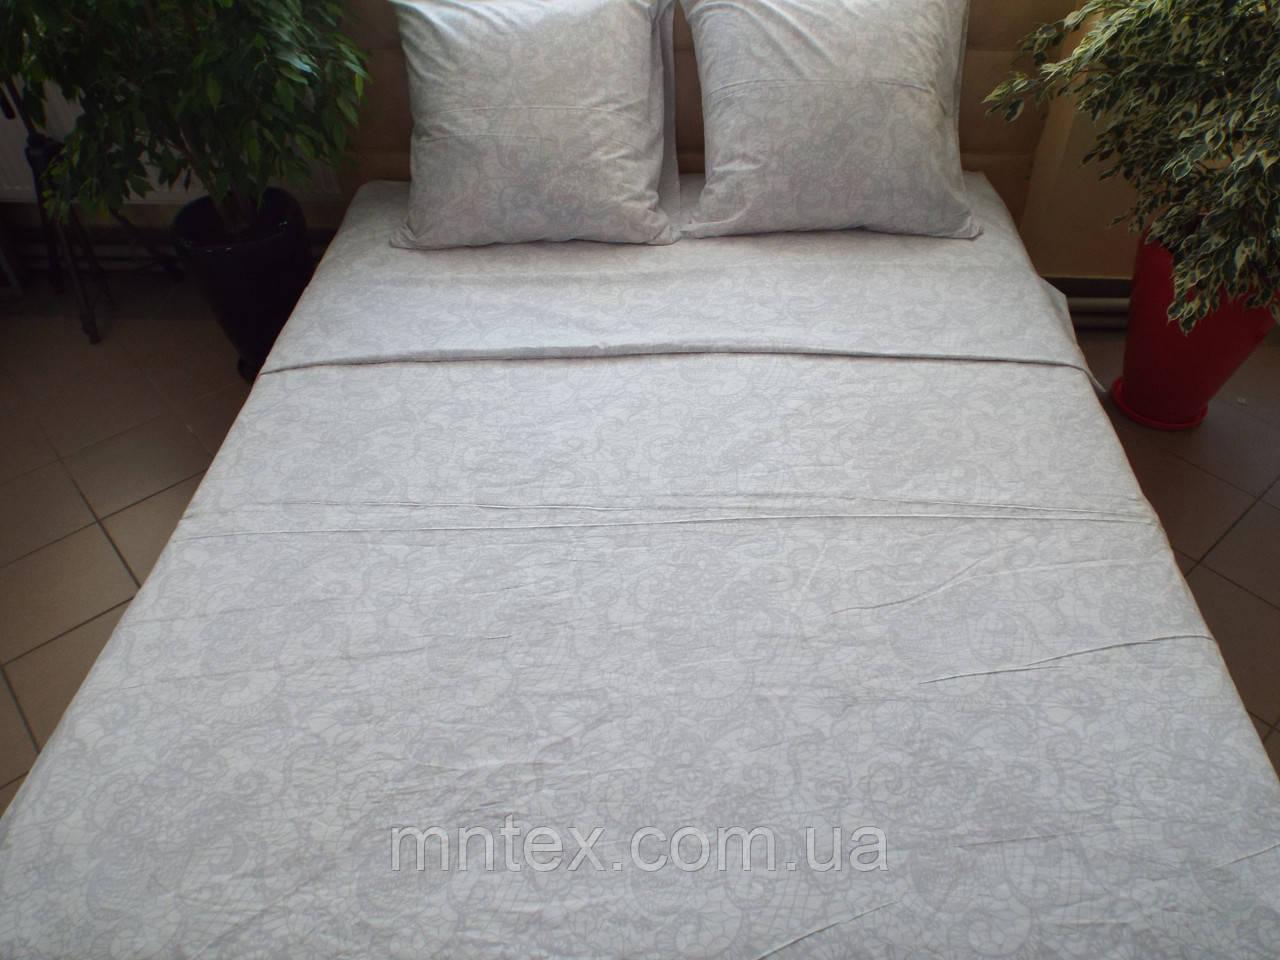 Комплект постельного белья поплин Аистократка